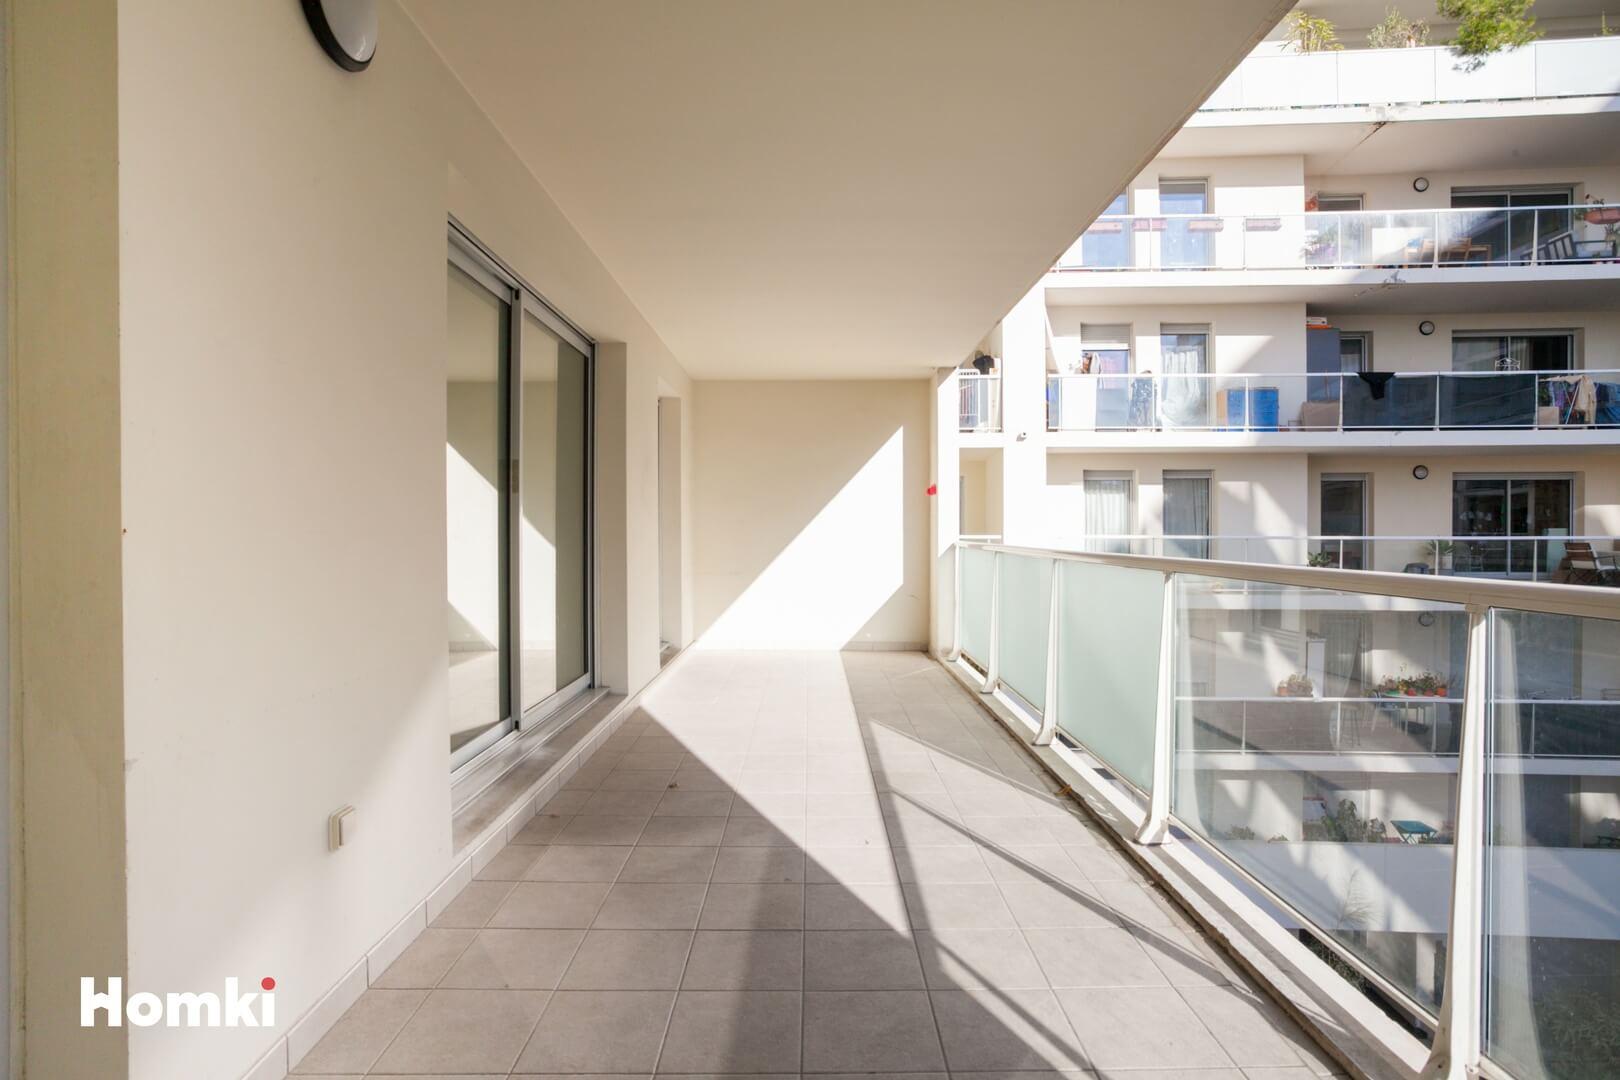 Homki - Vente Appartement  de 71.0 m² à Marseille 13002